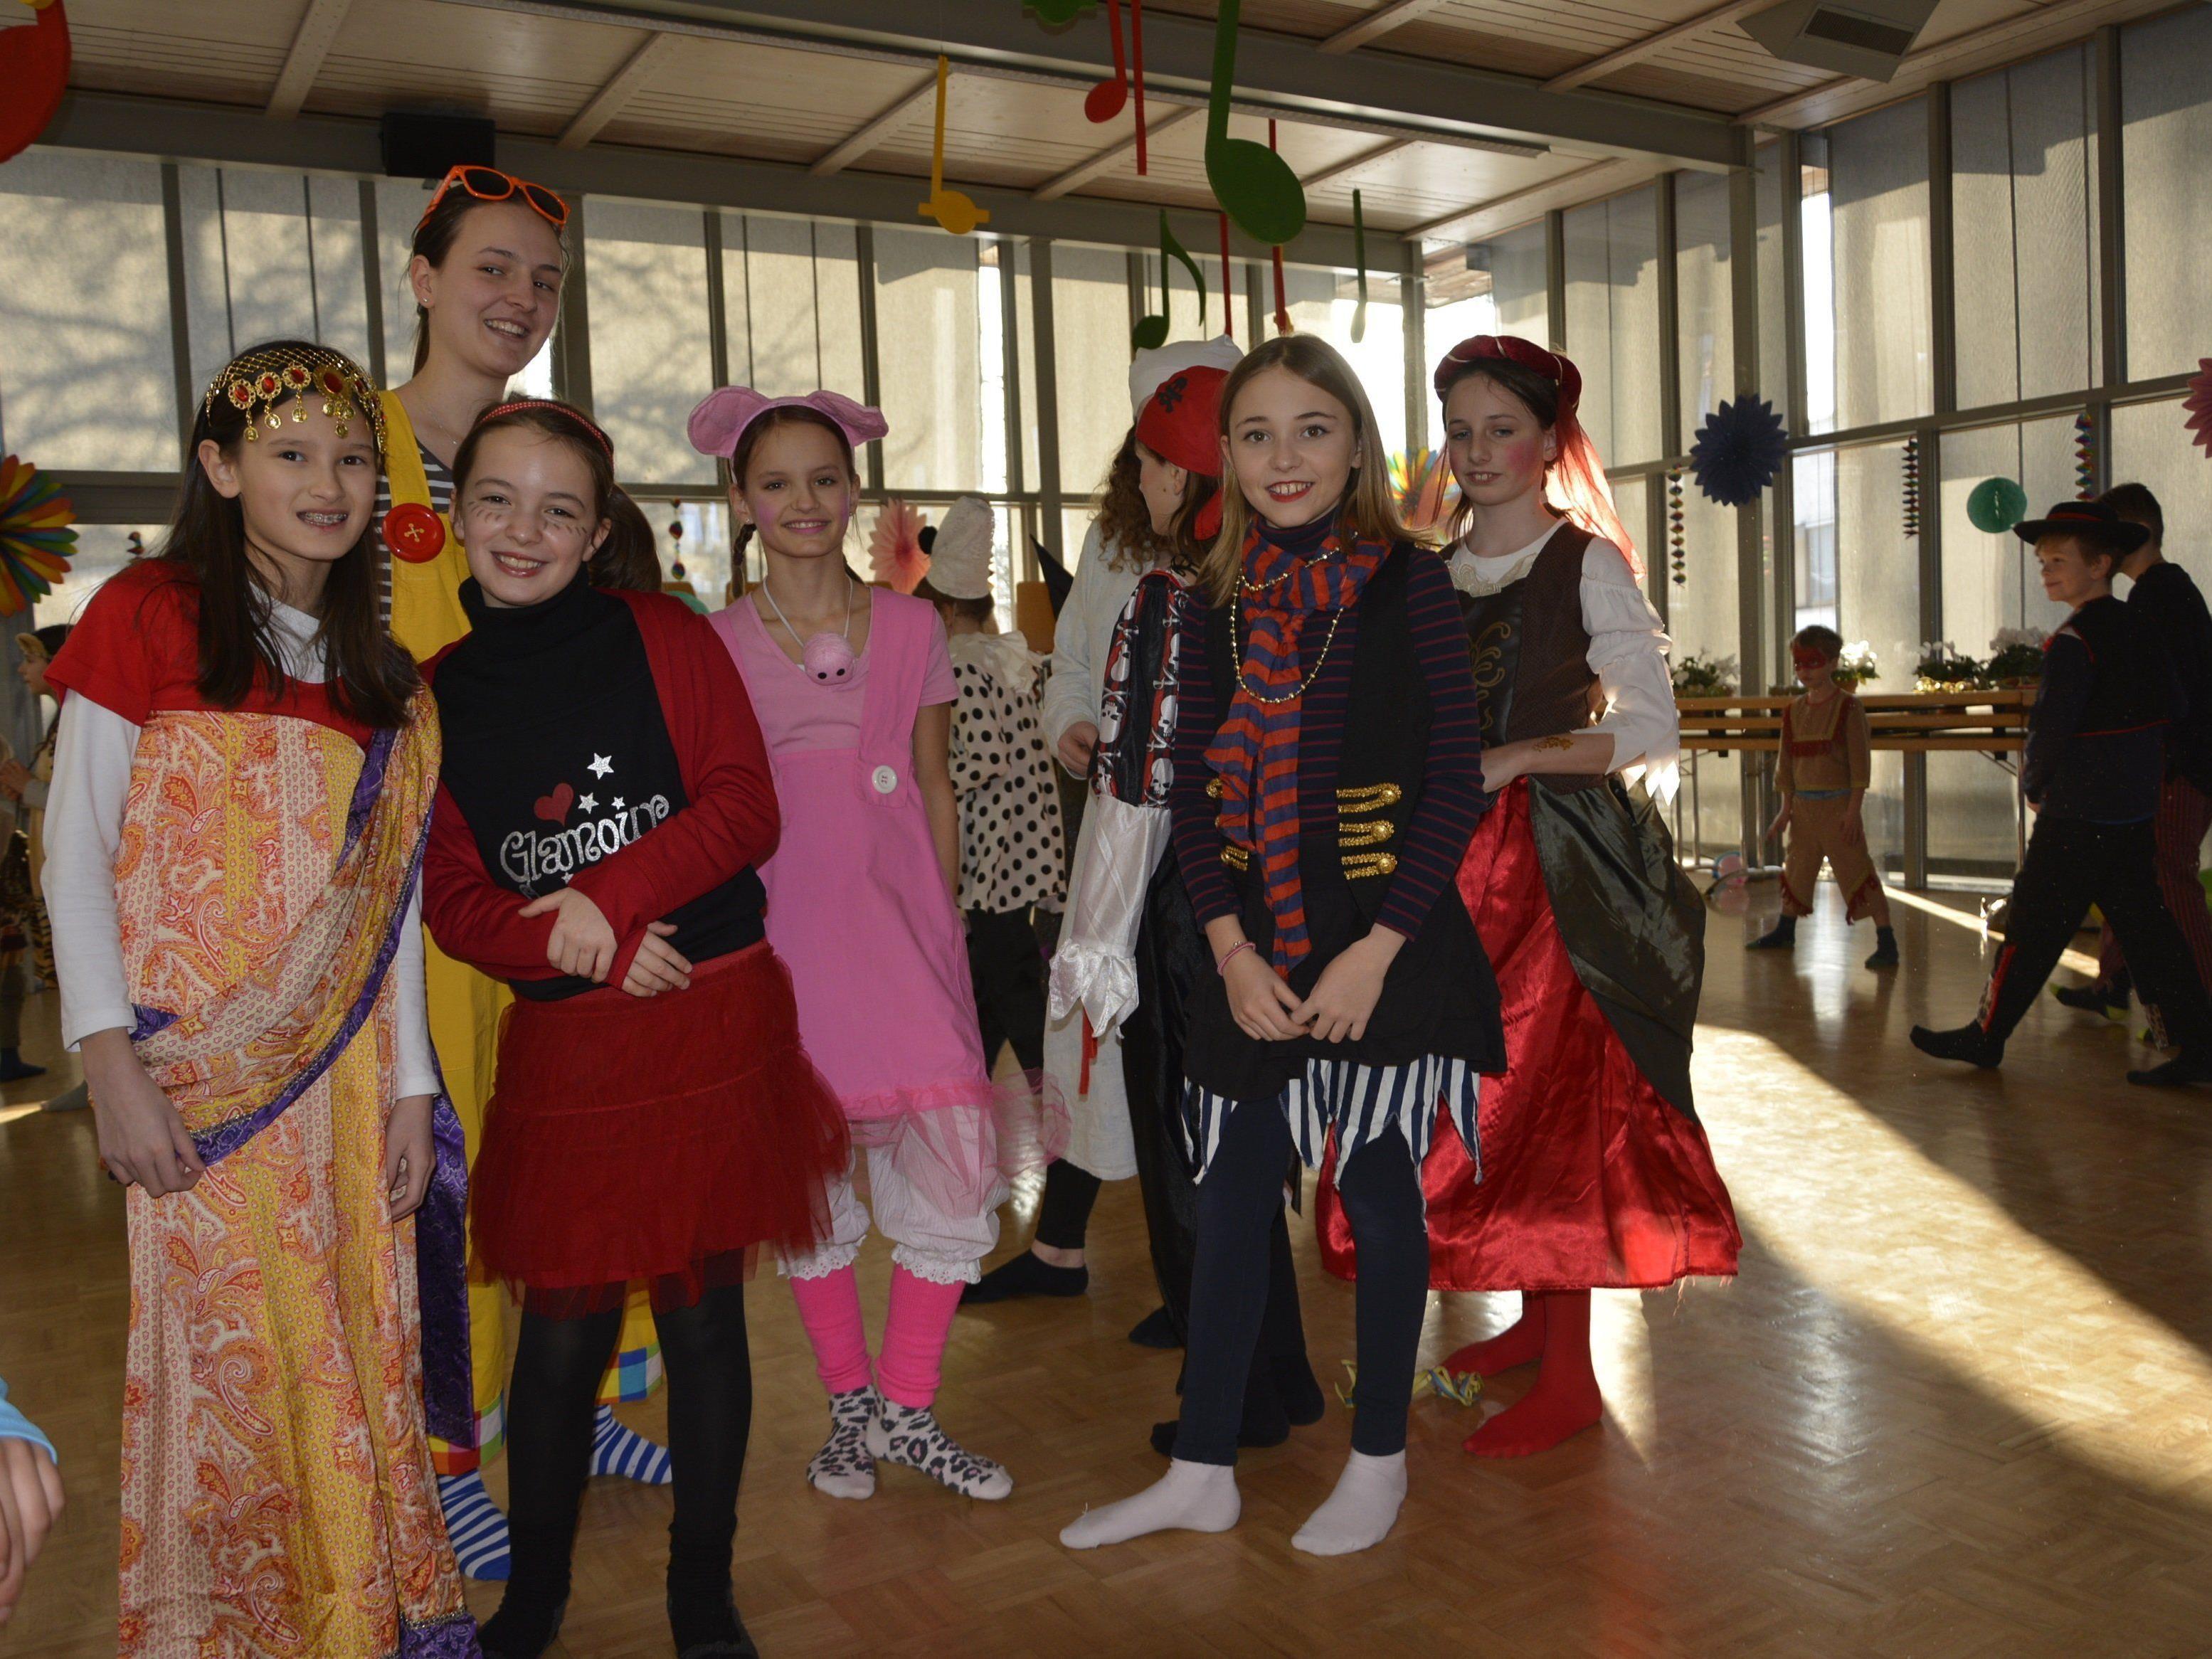 In originelle Kostüme schlüpften die Kinder für ihren Faschingsball im Pfarrheim Hatlerdorf.